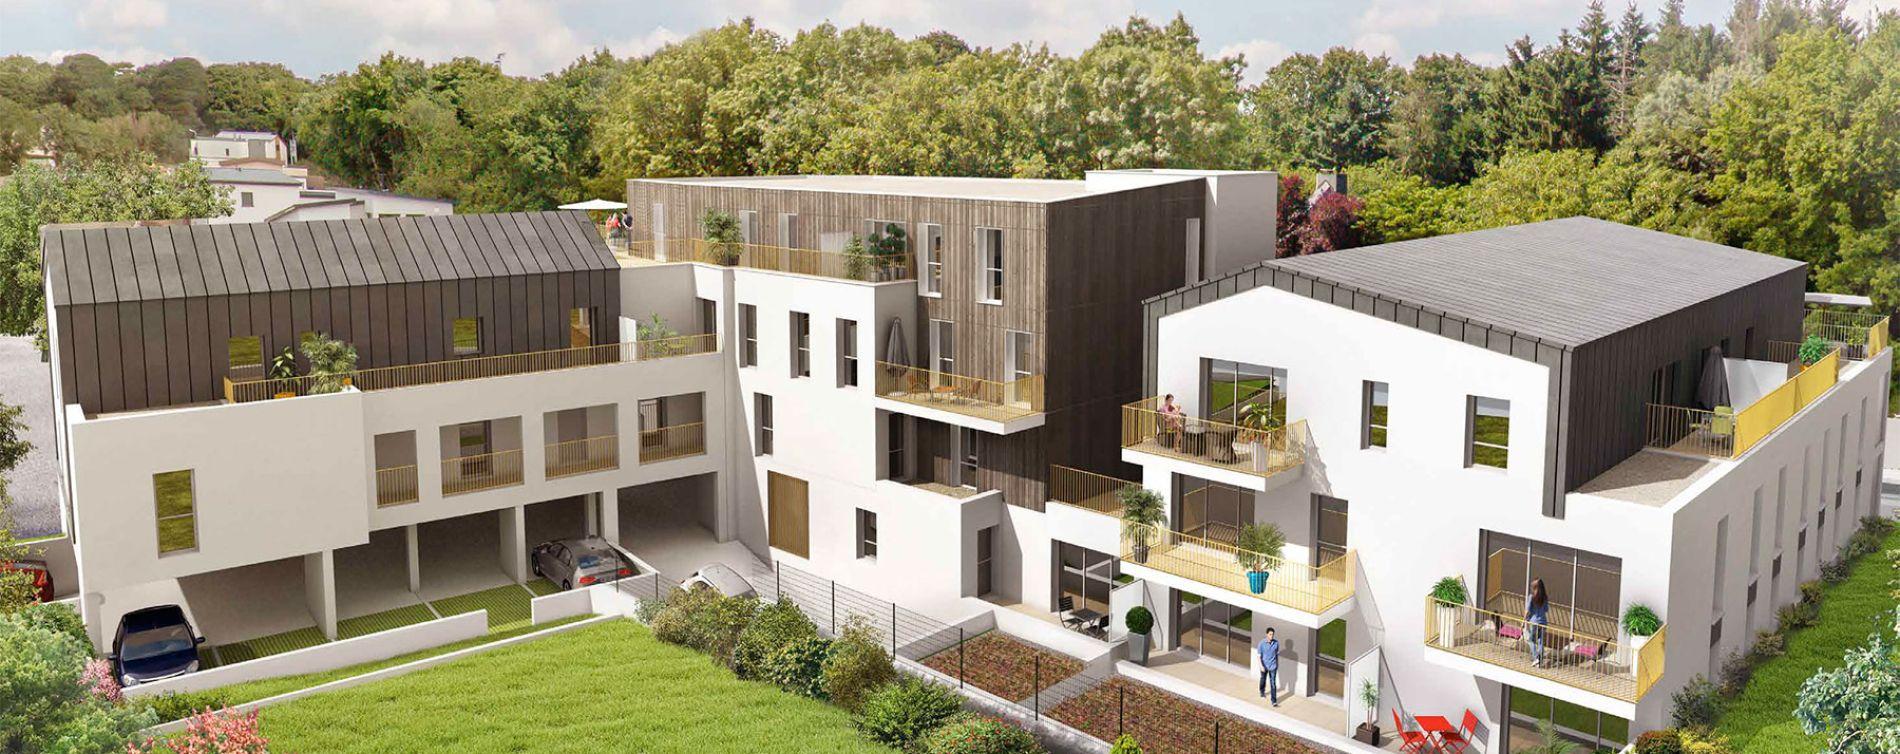 Résidence Les Terrasses du Côteau à Mauves-sur-Loire